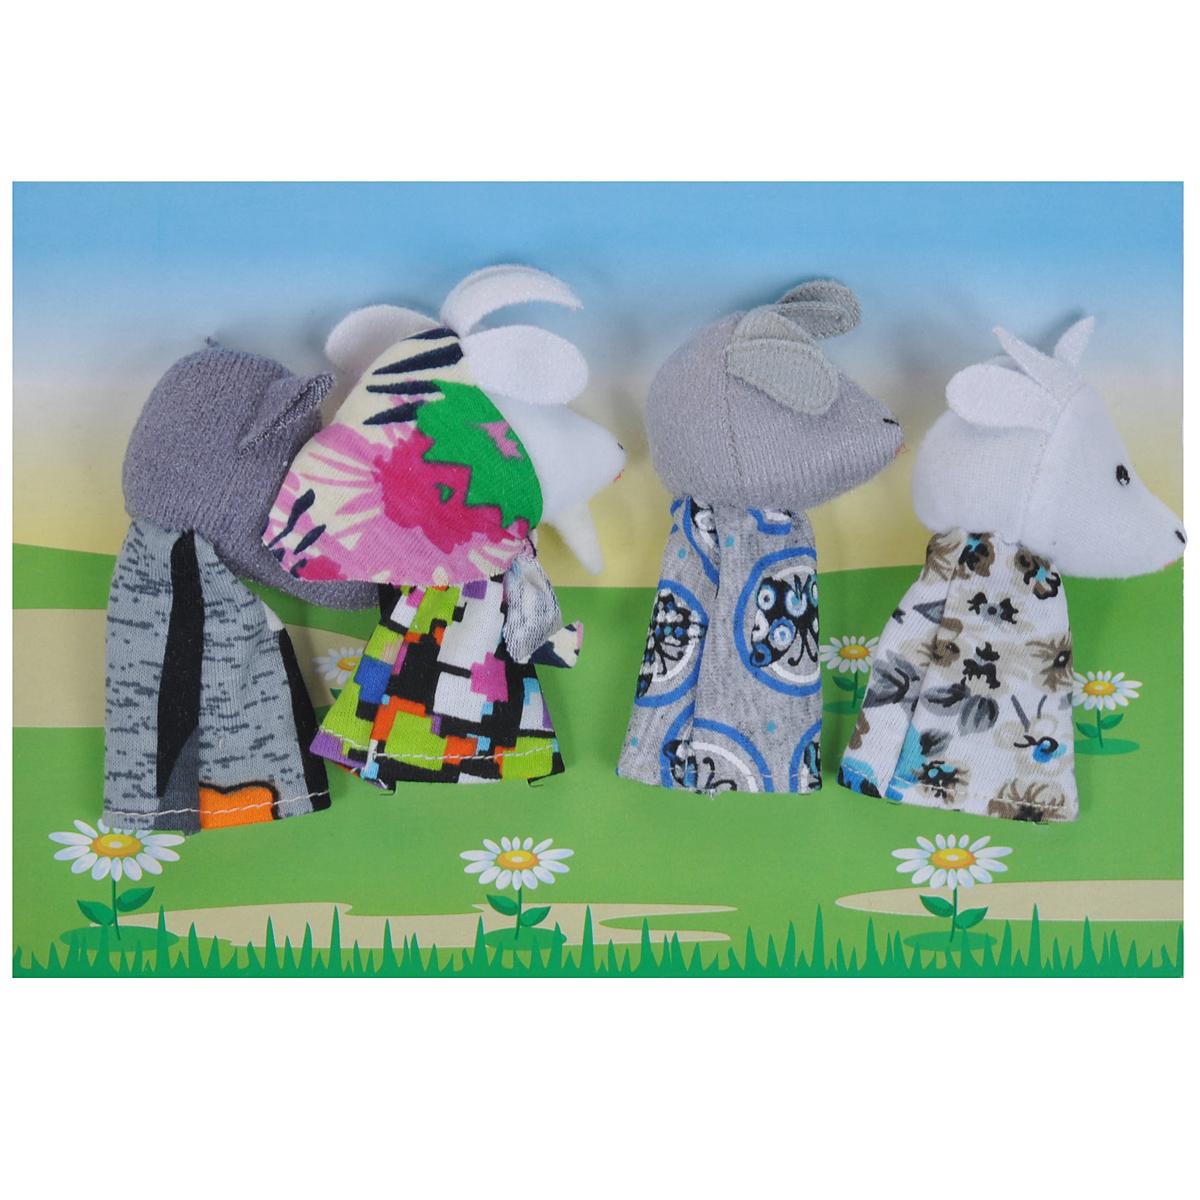 Пальчиковый театр Волк и семеро козлят, 4 предмета017.10Пальчиковый театр Волк и семеро козлят - это набор развивающих мягких игрушек, состоящий из фигурок надеваемых на пальцы руки взрослого или ребенка. В комплекте пальчиковые куклы, 4 штуки: мама-коза, два козленка, волк. Рекомендуем работать разными парами пальцев, разными руками и обеими руками одновременно. Фигурки изображают известных сказочных героев. Все персонажи очень яркие, мягкие. Маленькие фигурки пальчикового театра создадут Вам компанию во время прогулки или посещения поликлиники, в дороге. Они не займут много места в маминой сумочке и помогут развлечь малыша. С их помощью можно оживить любимые стихи, сказки, потешки. Незамысловатая игрушка развивает интонацию, исполнительские умения, творческие способности в передаче образа, мелкую моторику. Театрализованные игры создают эмоциональный подъем, повышают жизненный тонус ребенка. Характеристики: Материал: текстиль. Высота одной фигурки: 8 см Размер упаковки: 25,5 см x 24 см x 1,5...